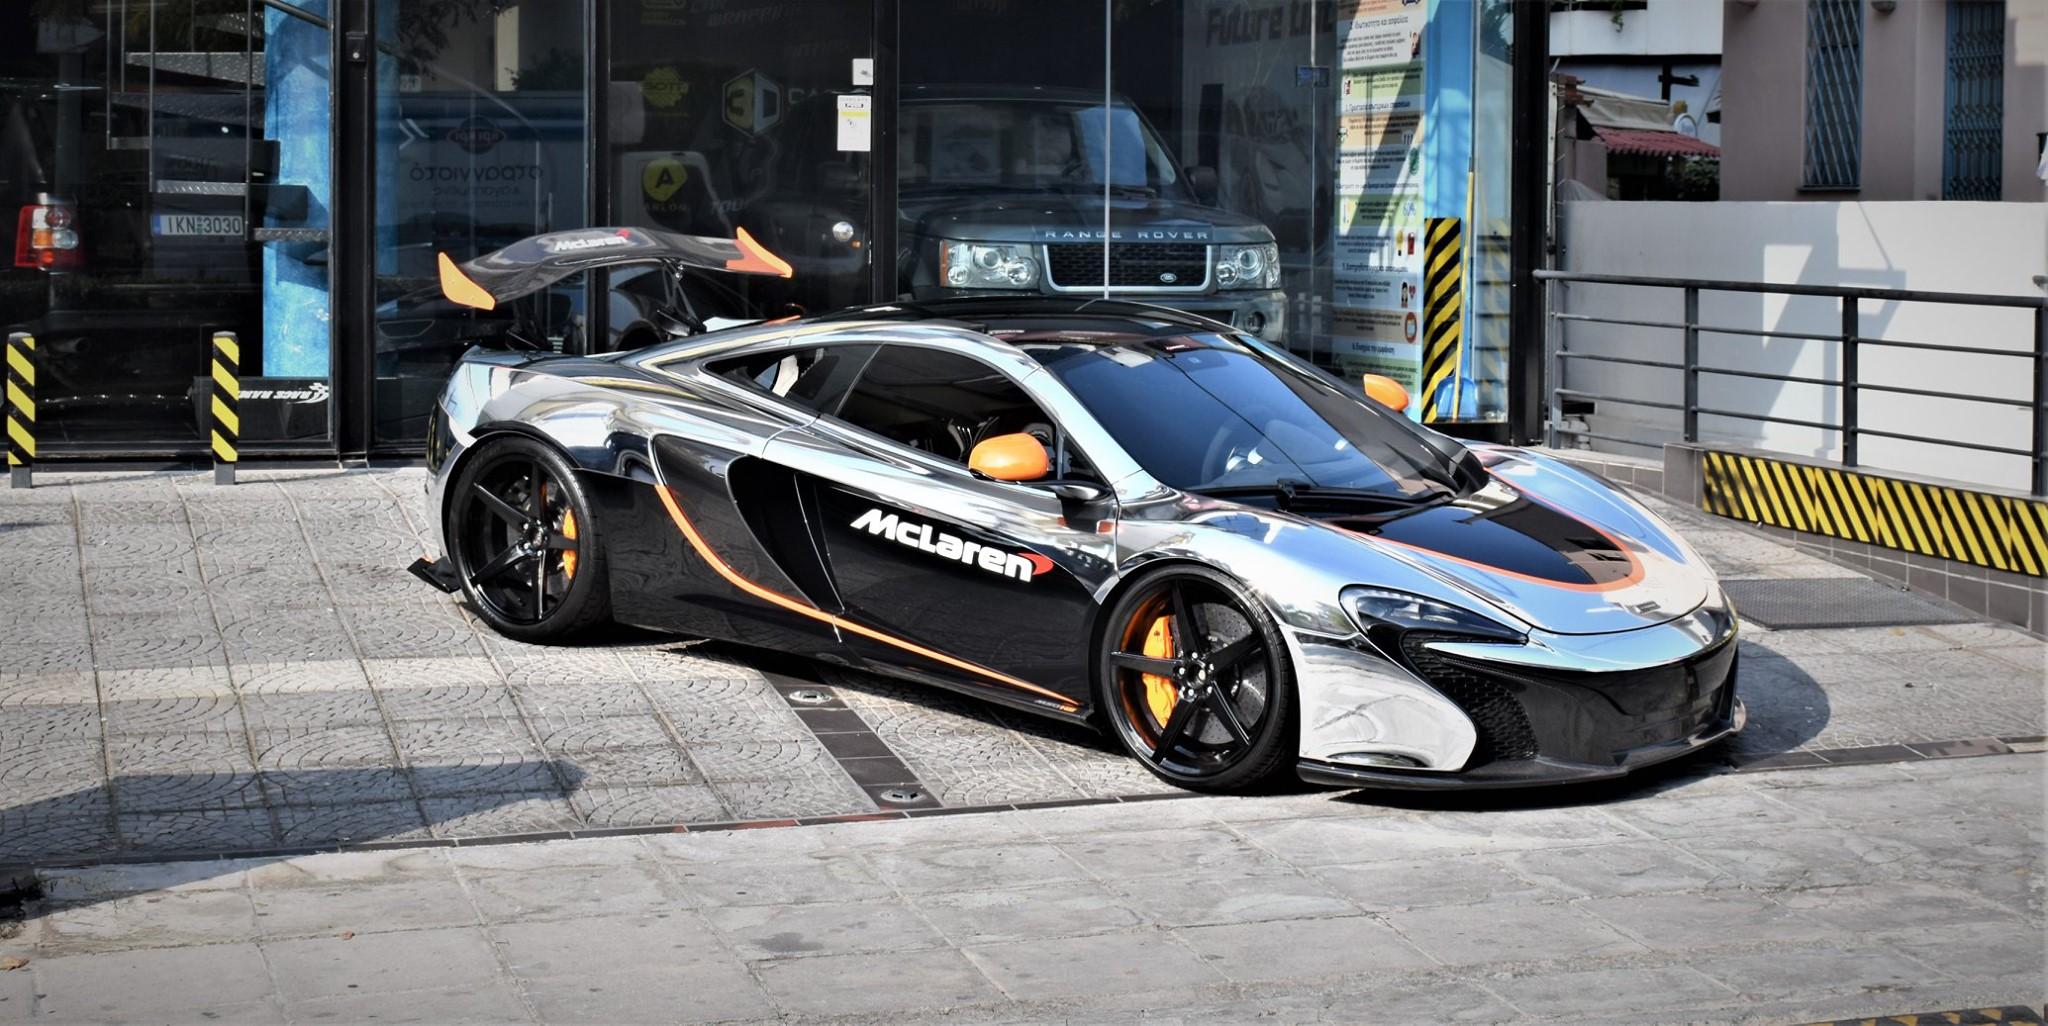 McLaren_650S_accident_0004